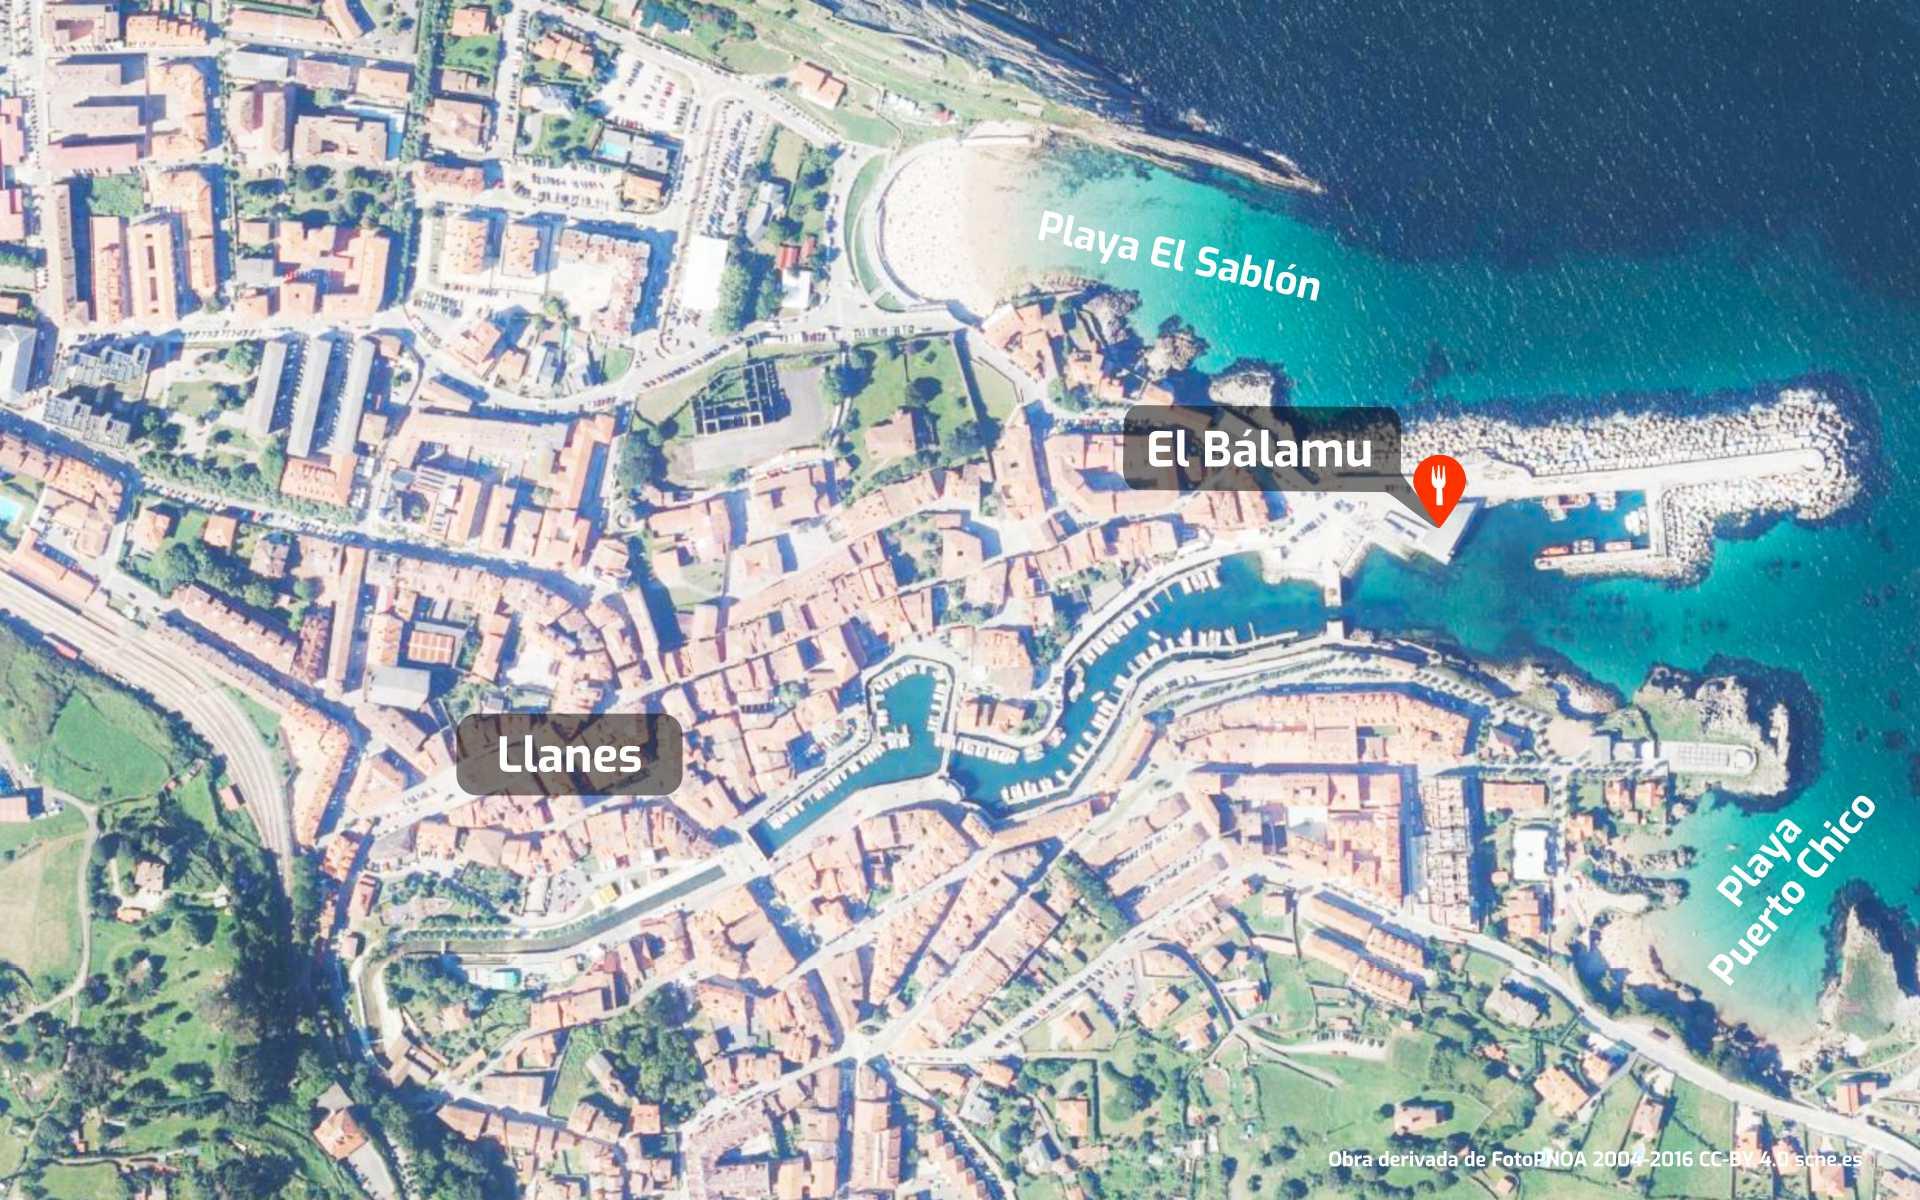 Mapa de cómo llegar al restaurante Bálamu en Llanes, Asturias